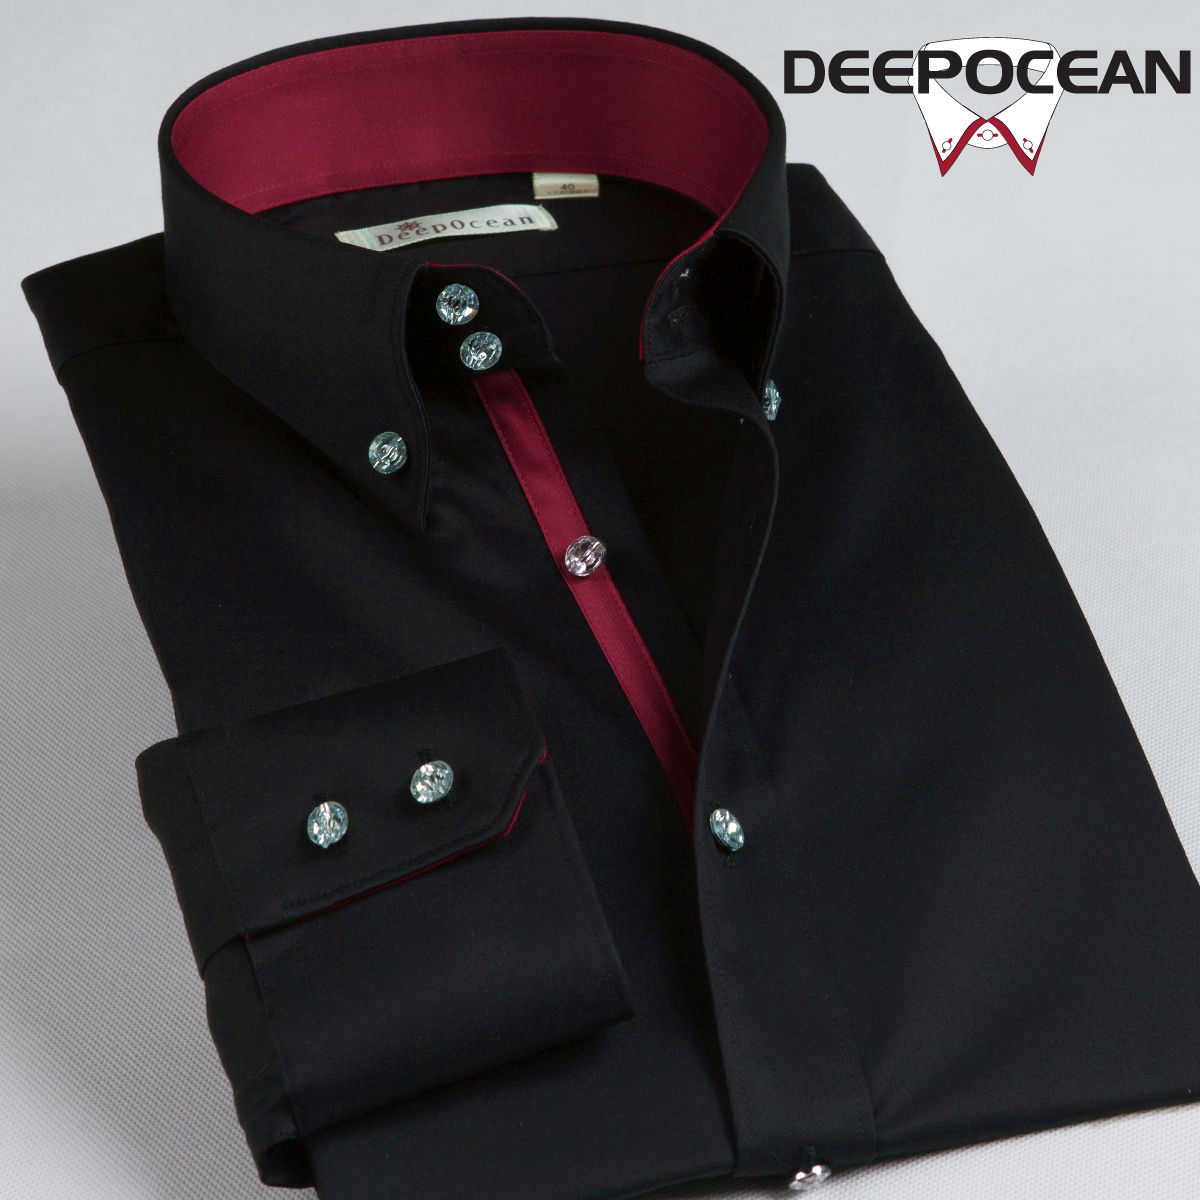 DeepOcean深海男士长袖衬衫2013新款春秋男装衬衣韩版修身丝光棉 价格:168.00